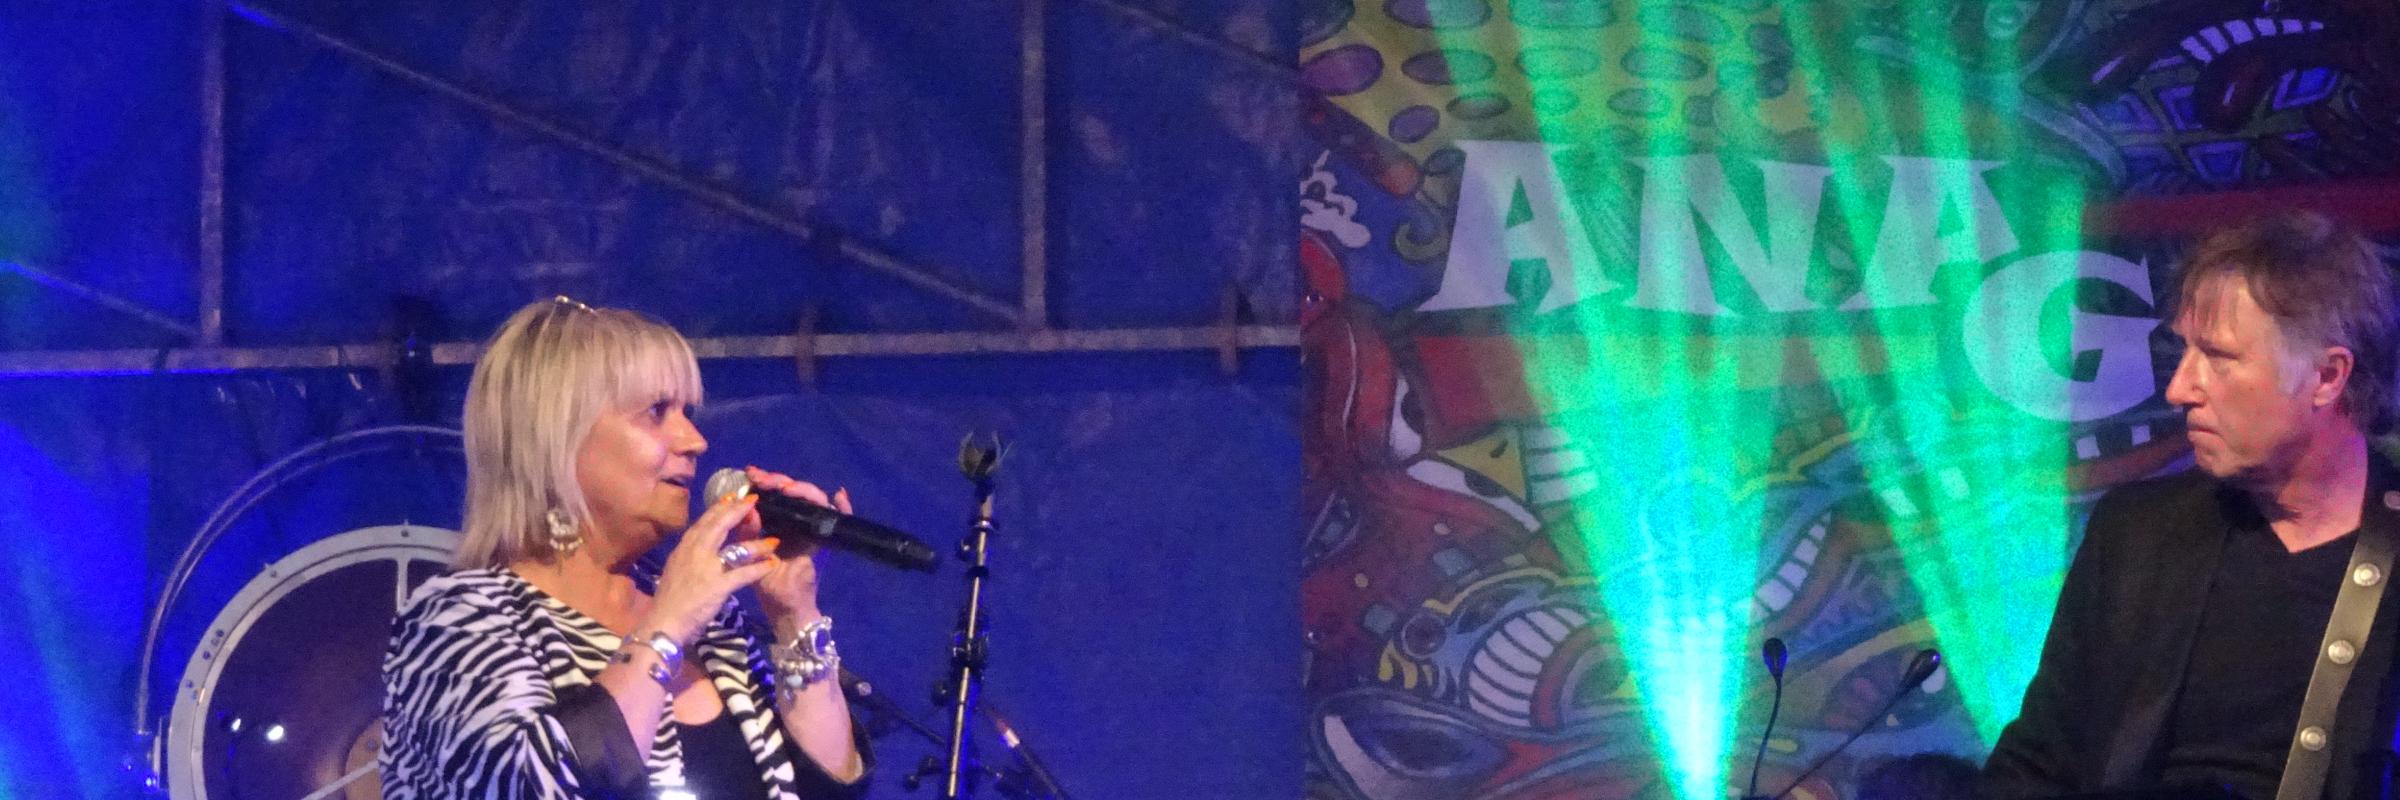 ANAGRAM, groupe de musique Rock en représentation à Bouches du Rhône - photo de couverture n° 3